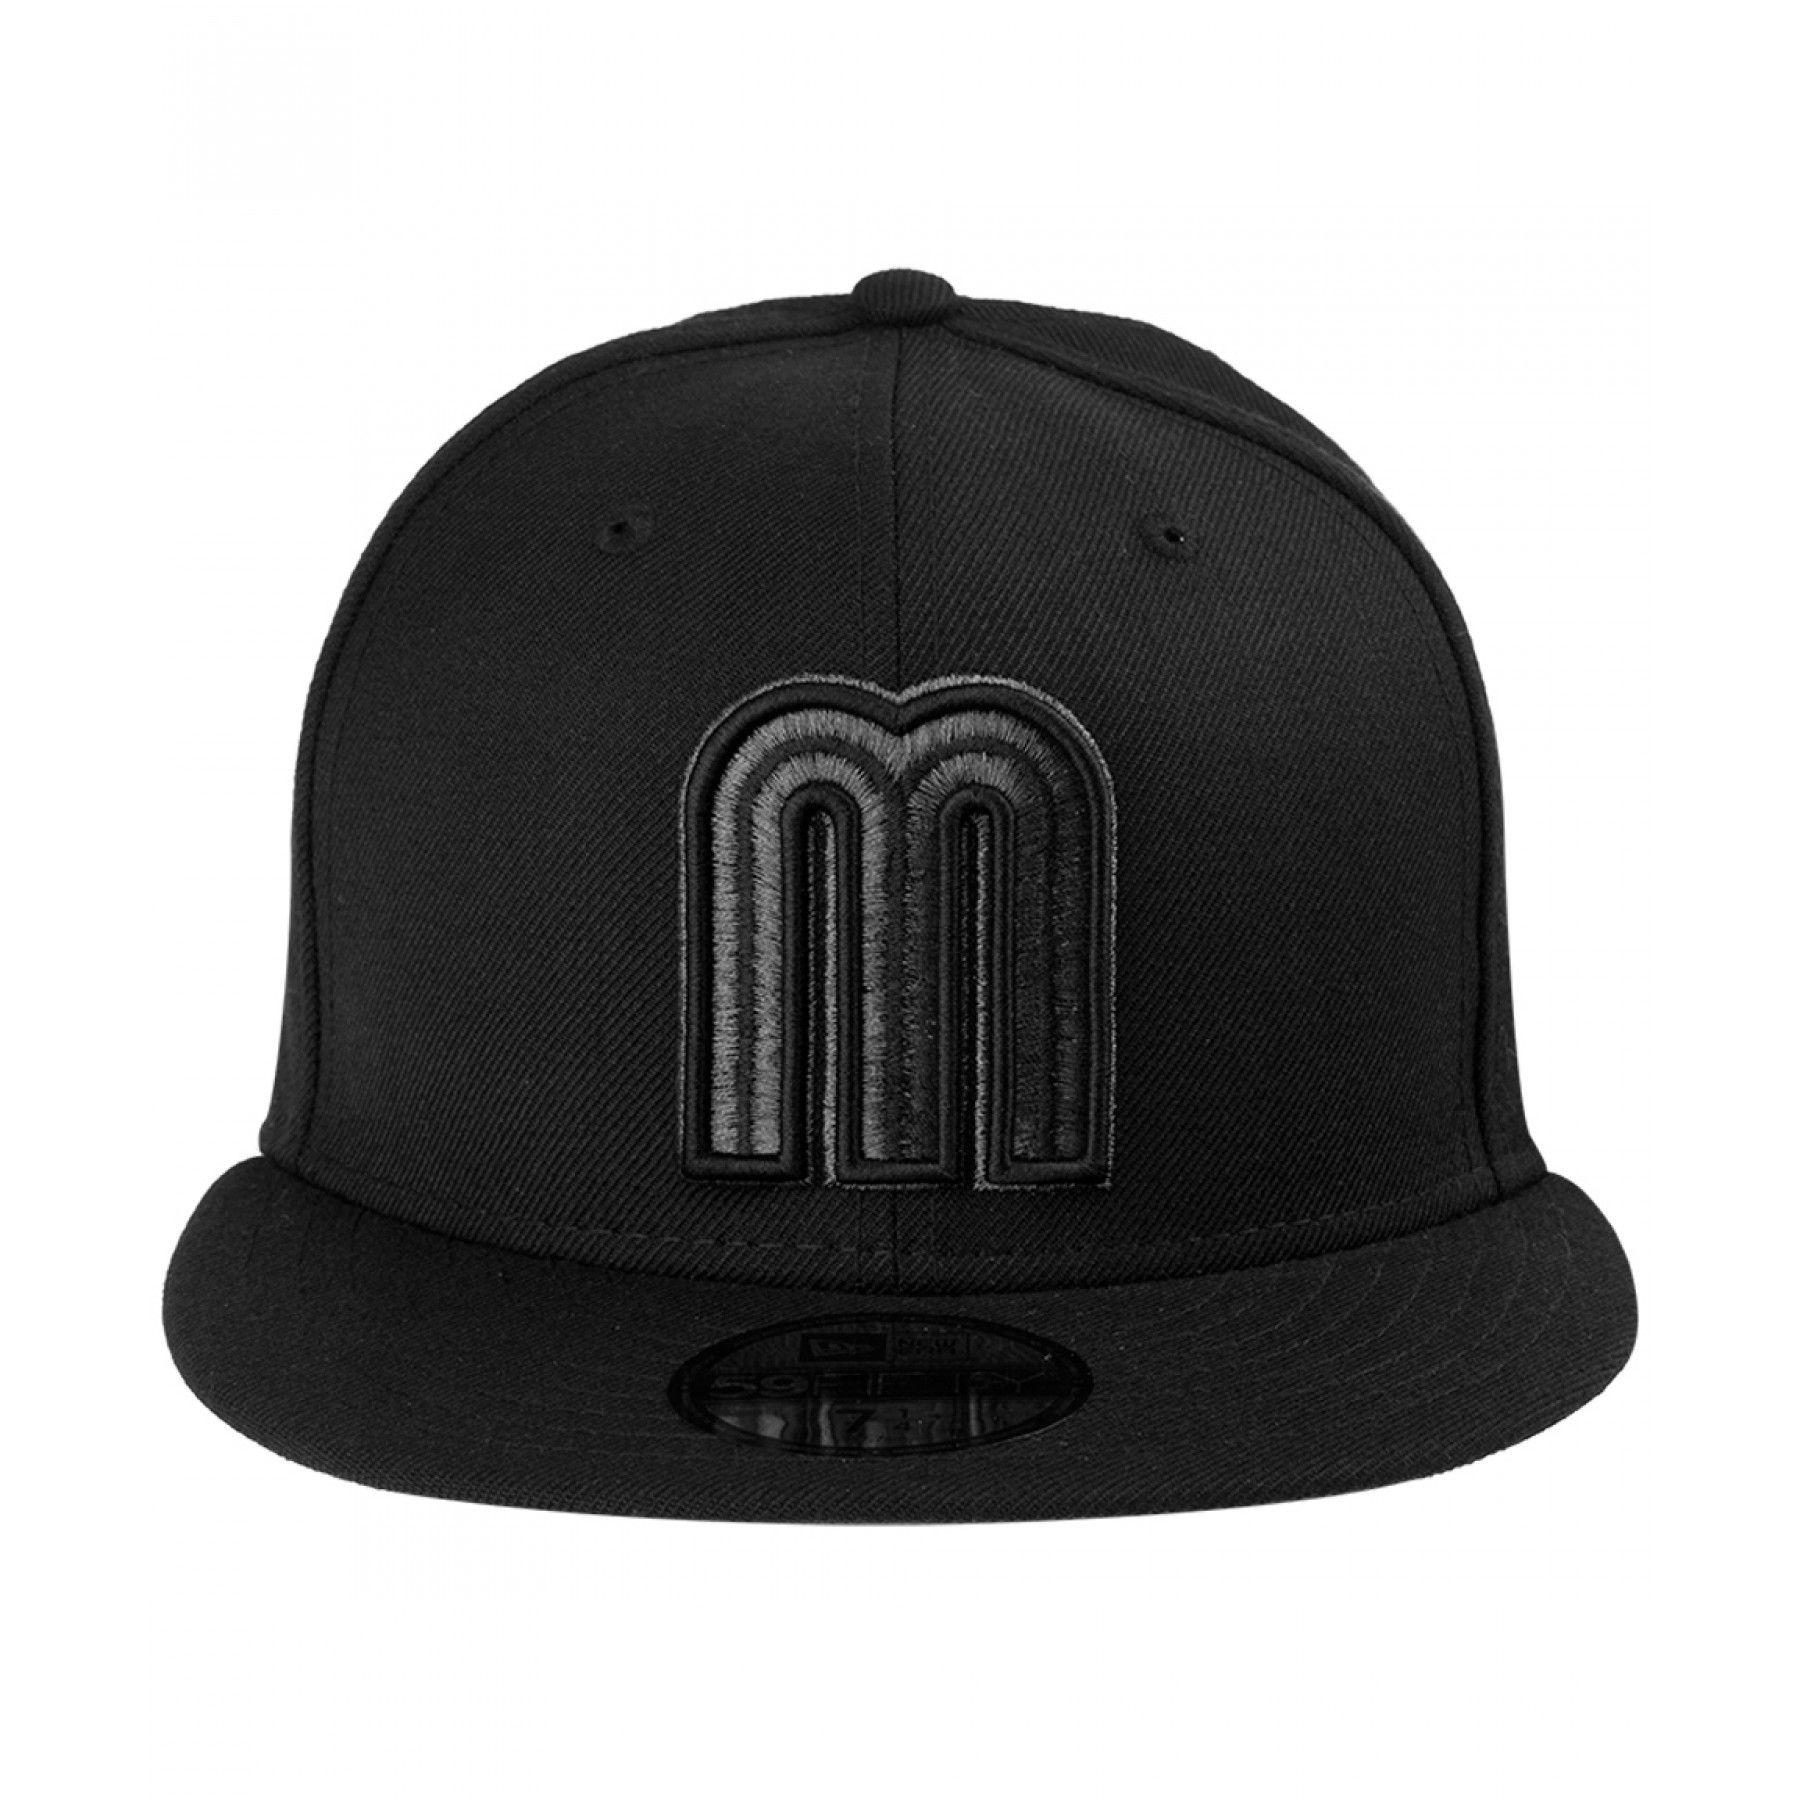 Gorra New Era para hombre en tejido de punto color negro con diseño alusivo  al clásico 7787ab5abd2